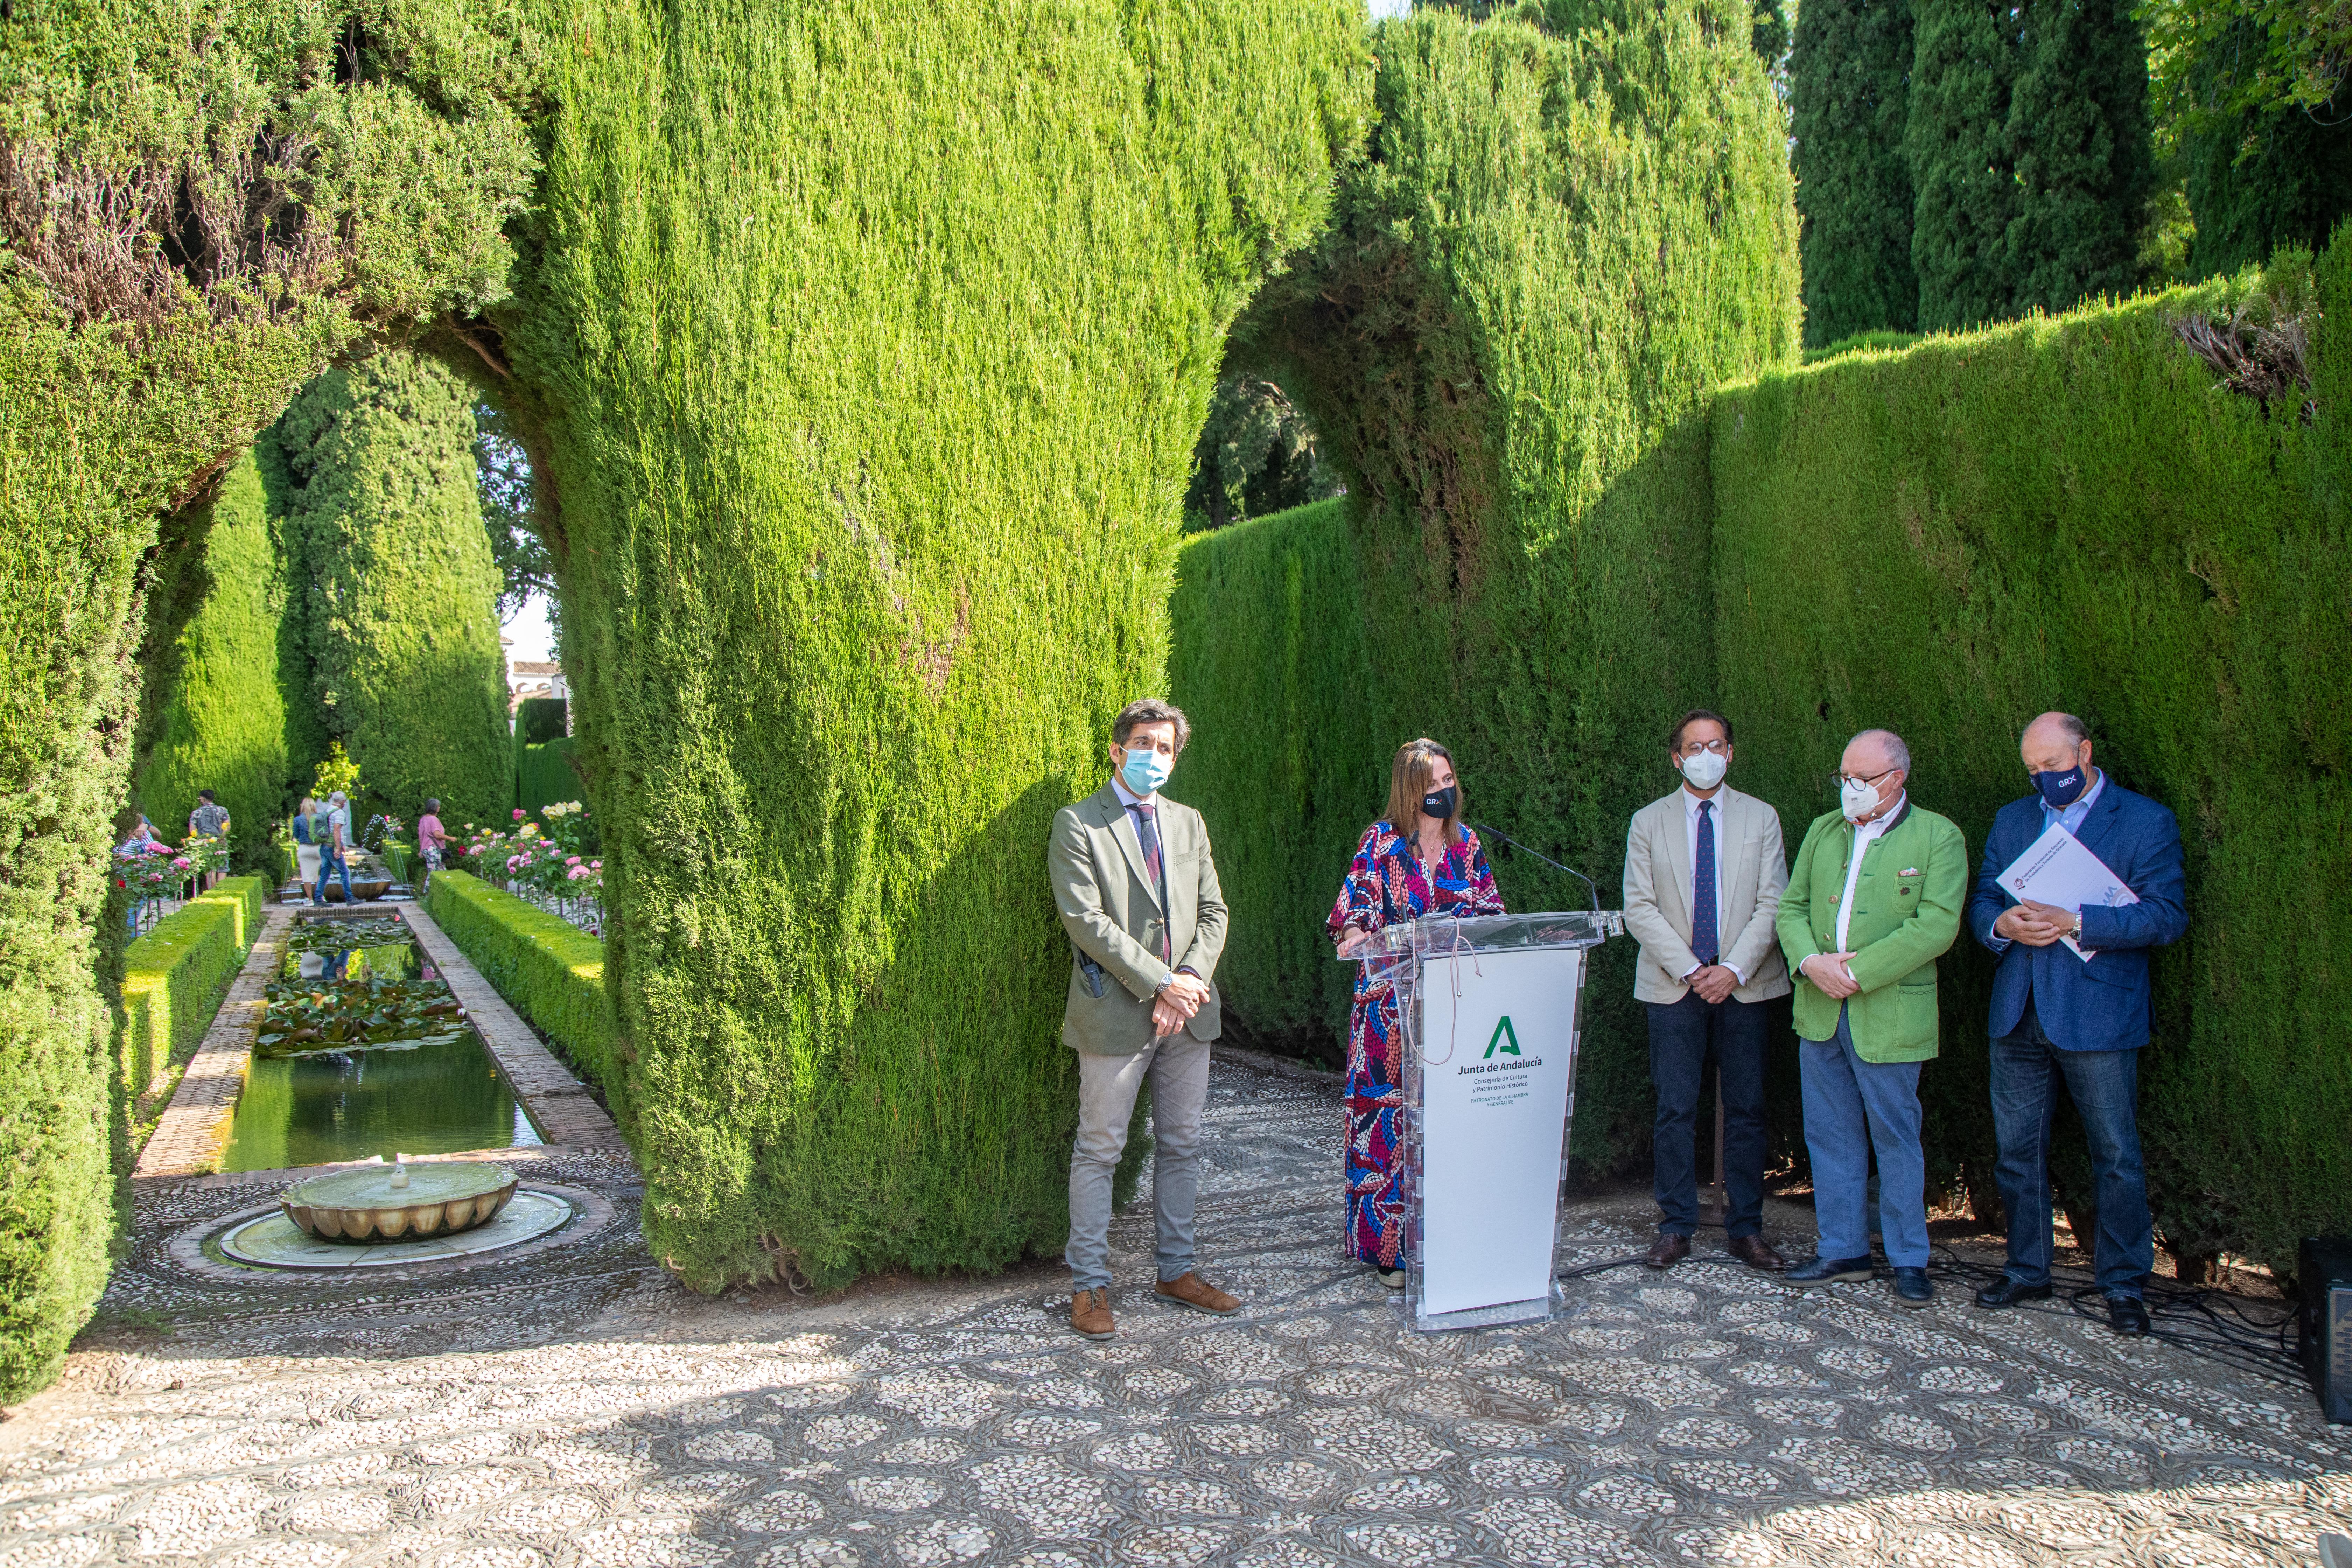 La Alhambra impulsa 'Septiembre en el Generalife' para apoyar a artistas y promotores